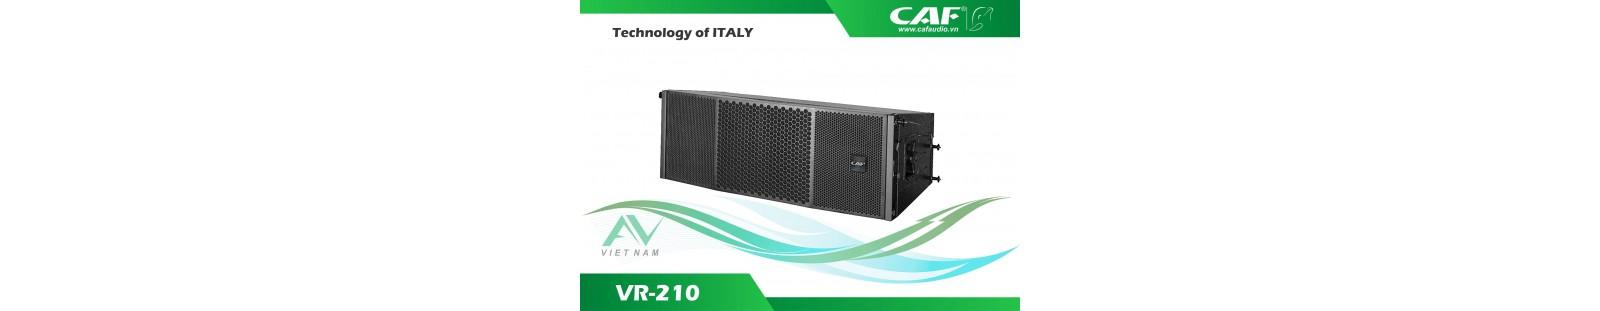 CAF VR-210